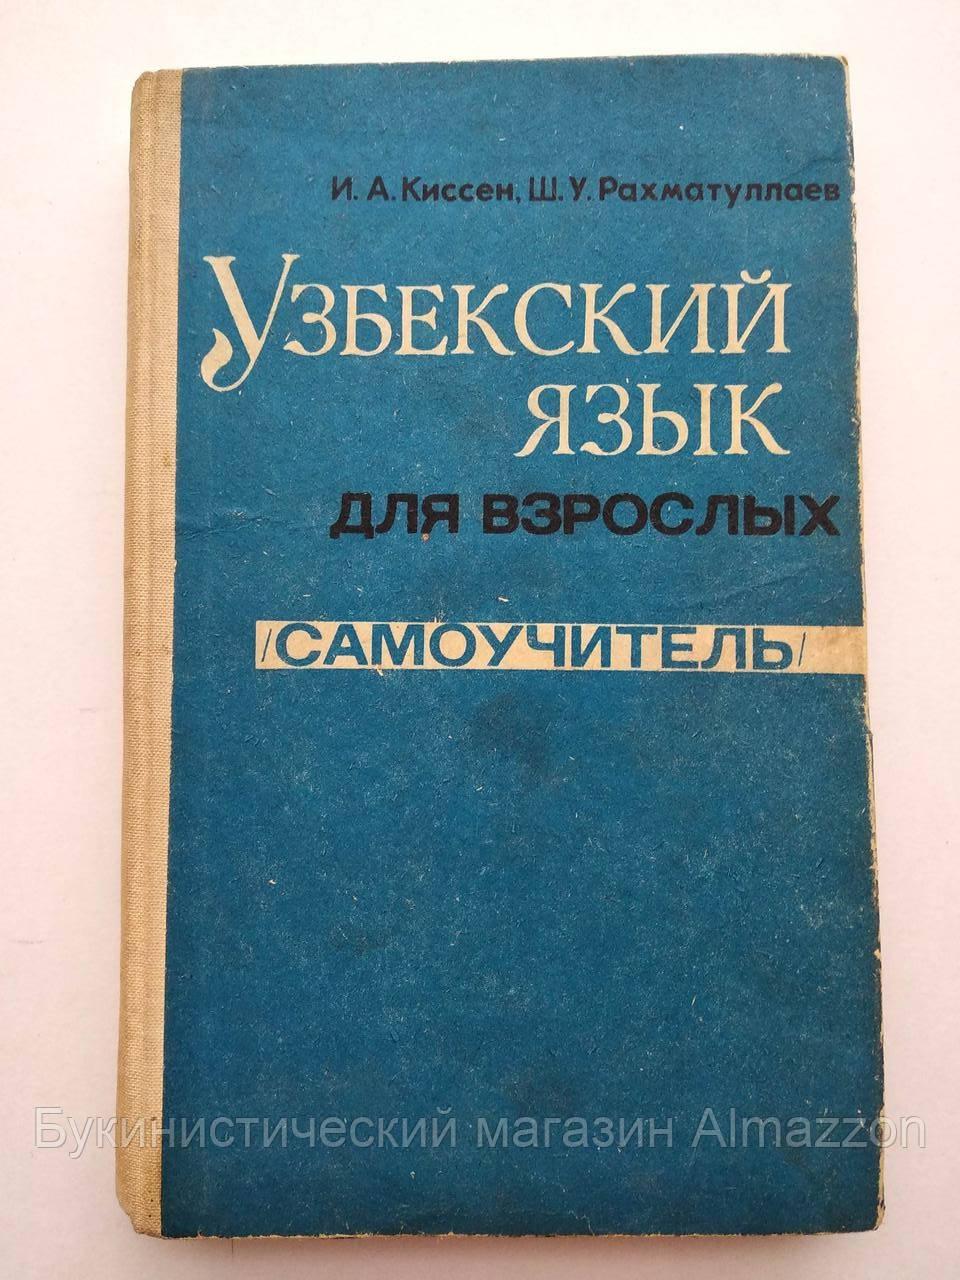 Узбекский язык для взрослых. Самоучитель. И.А.Киссен